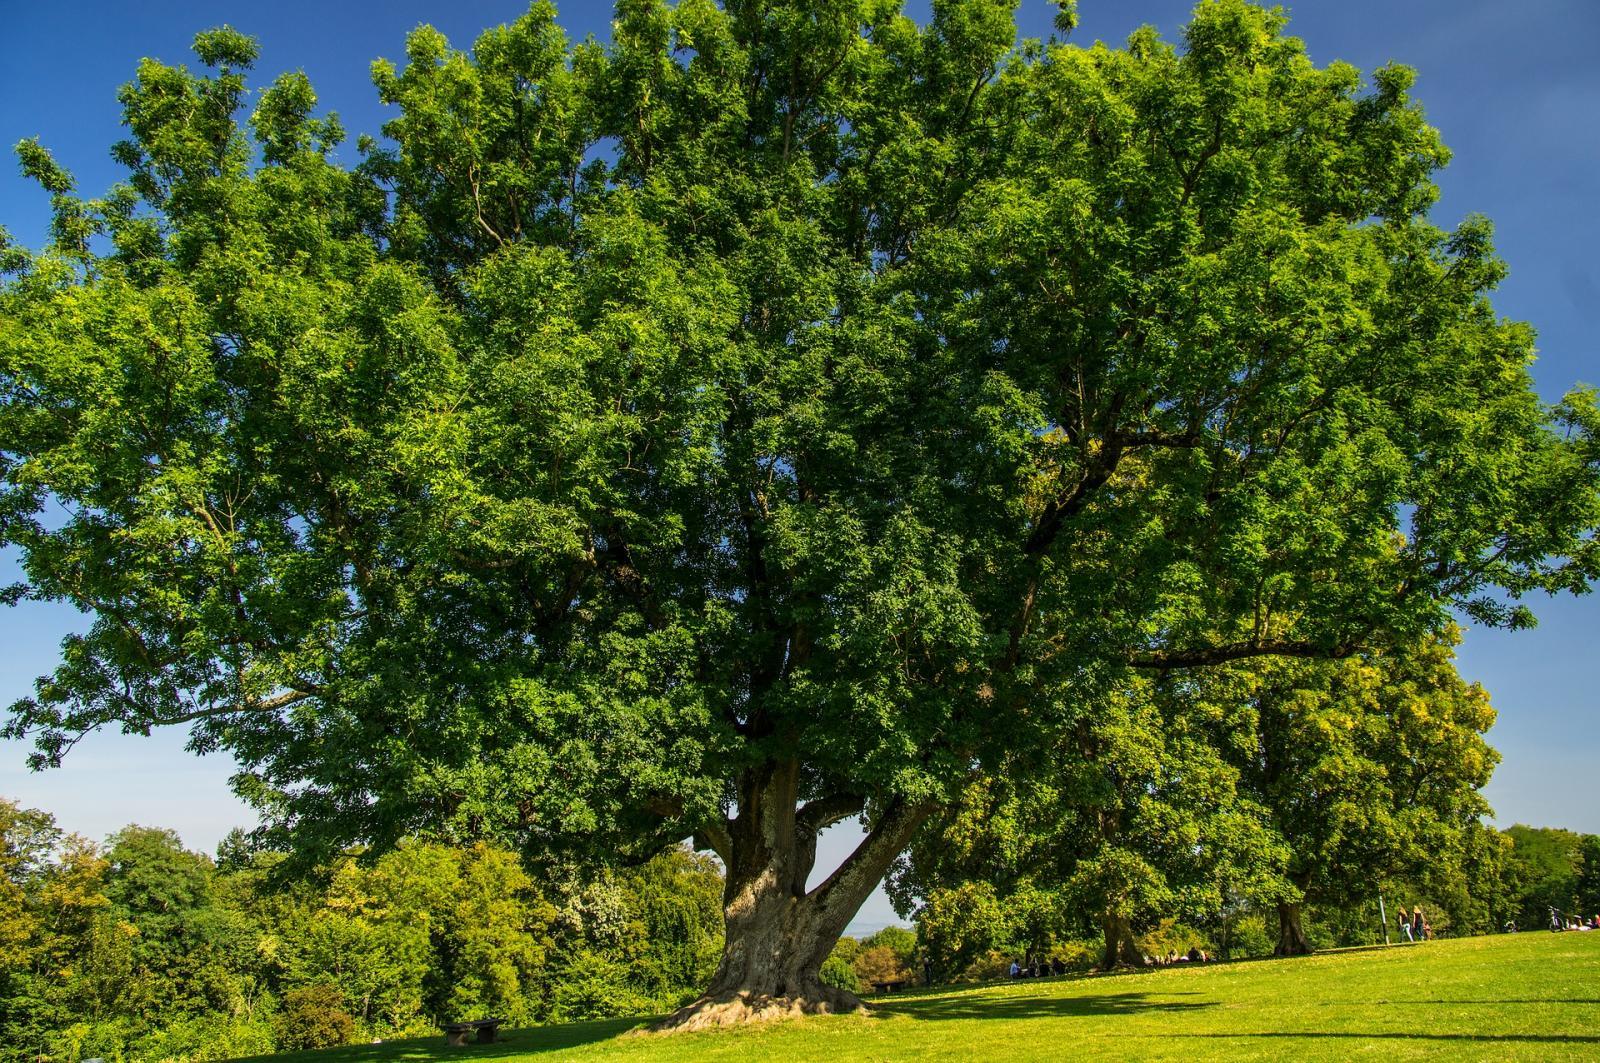 Брянский «Ясень-великан» стал третьим в конкурсе «Российское дерево года 2021»